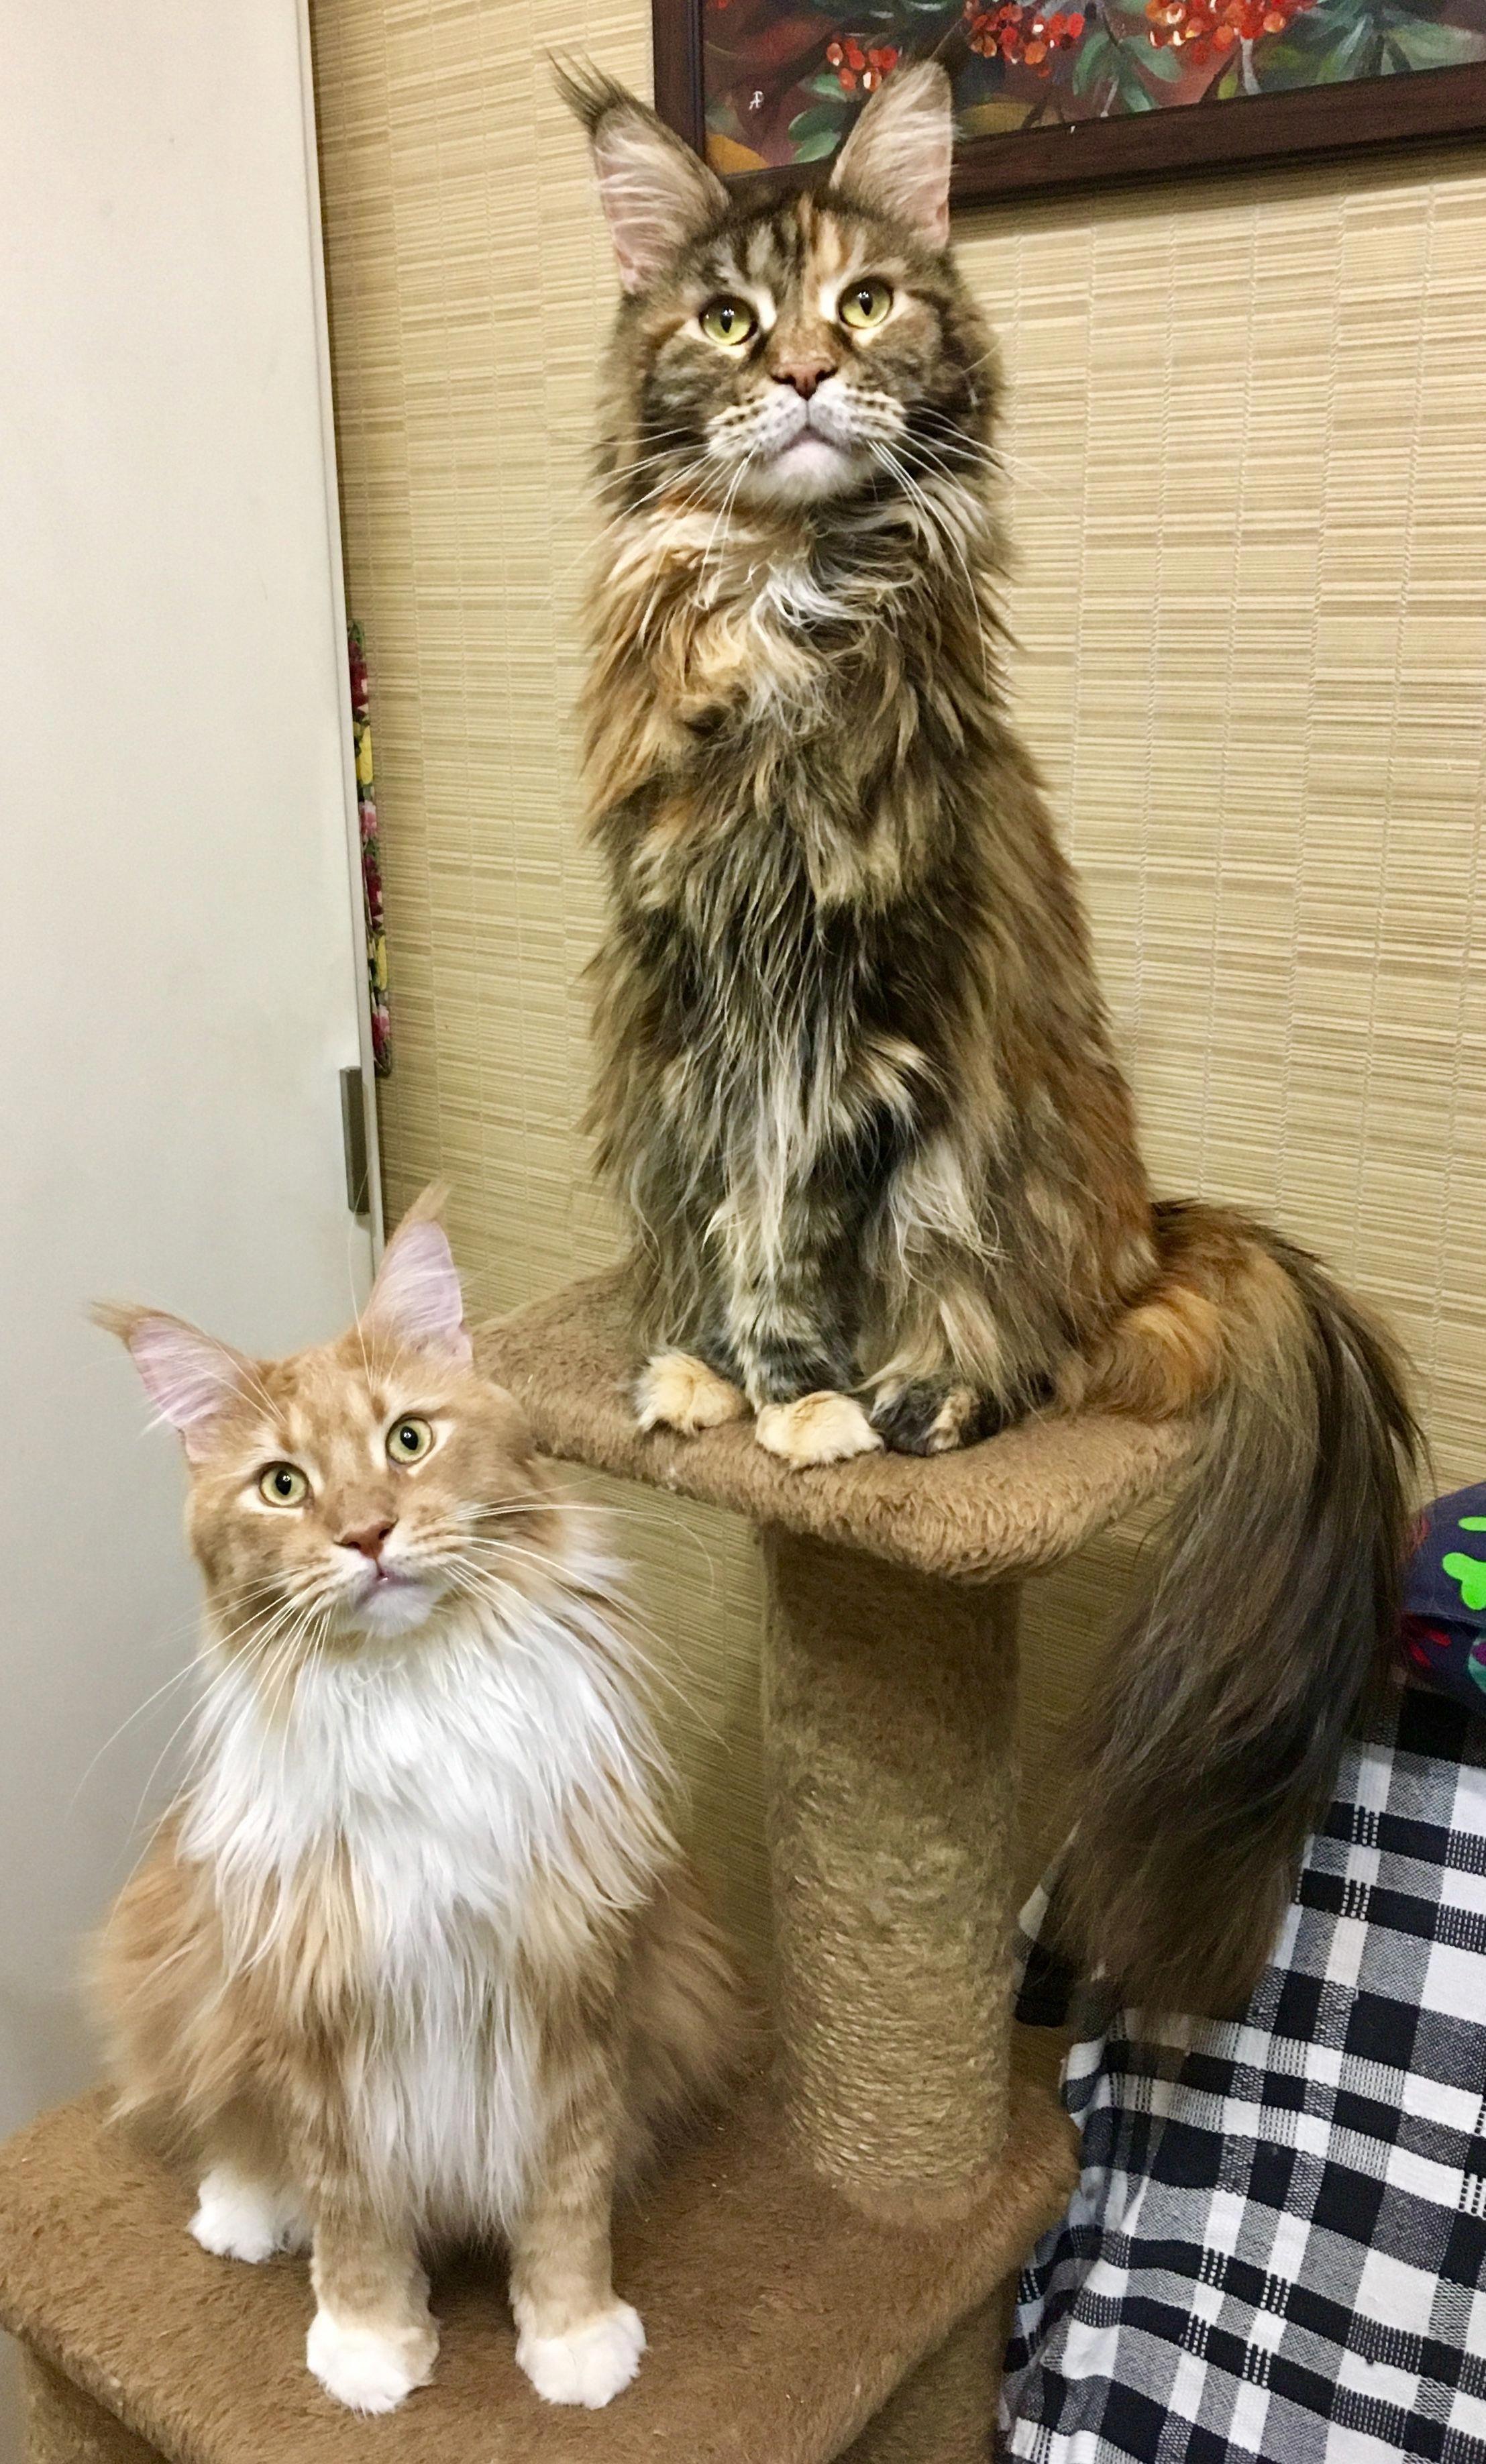 Siberian Forest Kittens For Sale Near Me